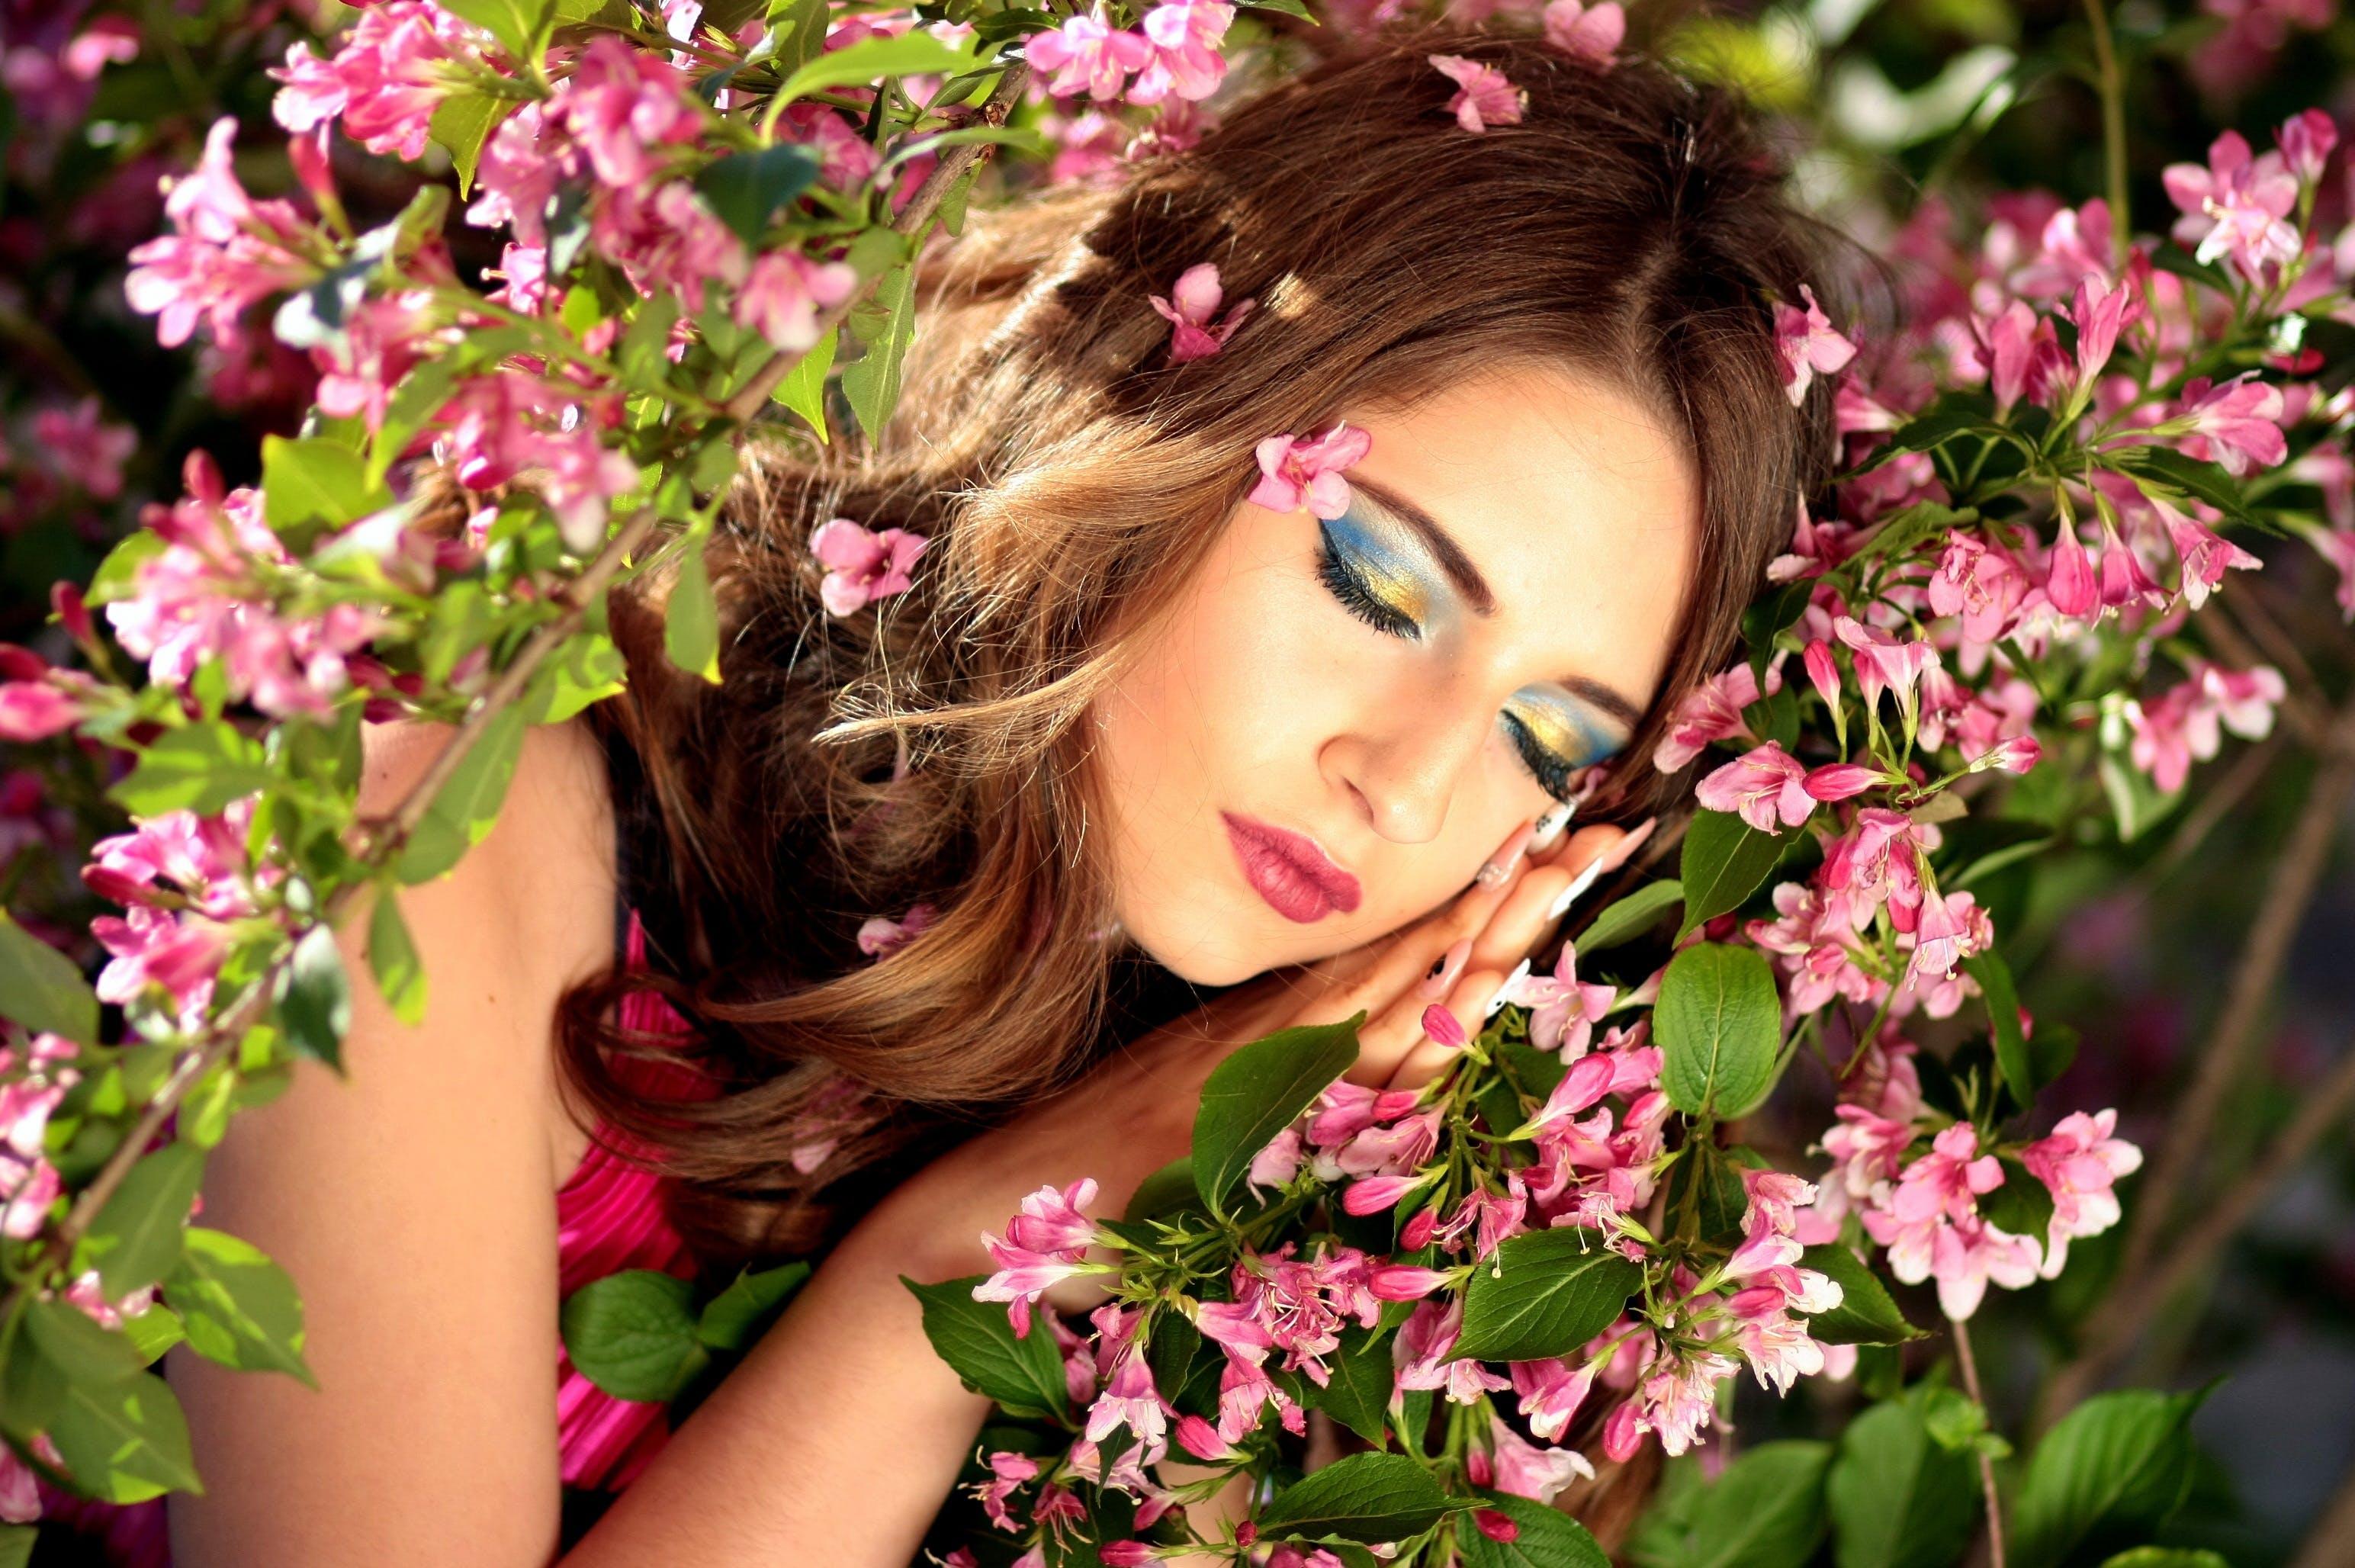 Ảnh lưu trữ miễn phí về cận cảnh, cánh hoa, cây bụi, chụp ảnh